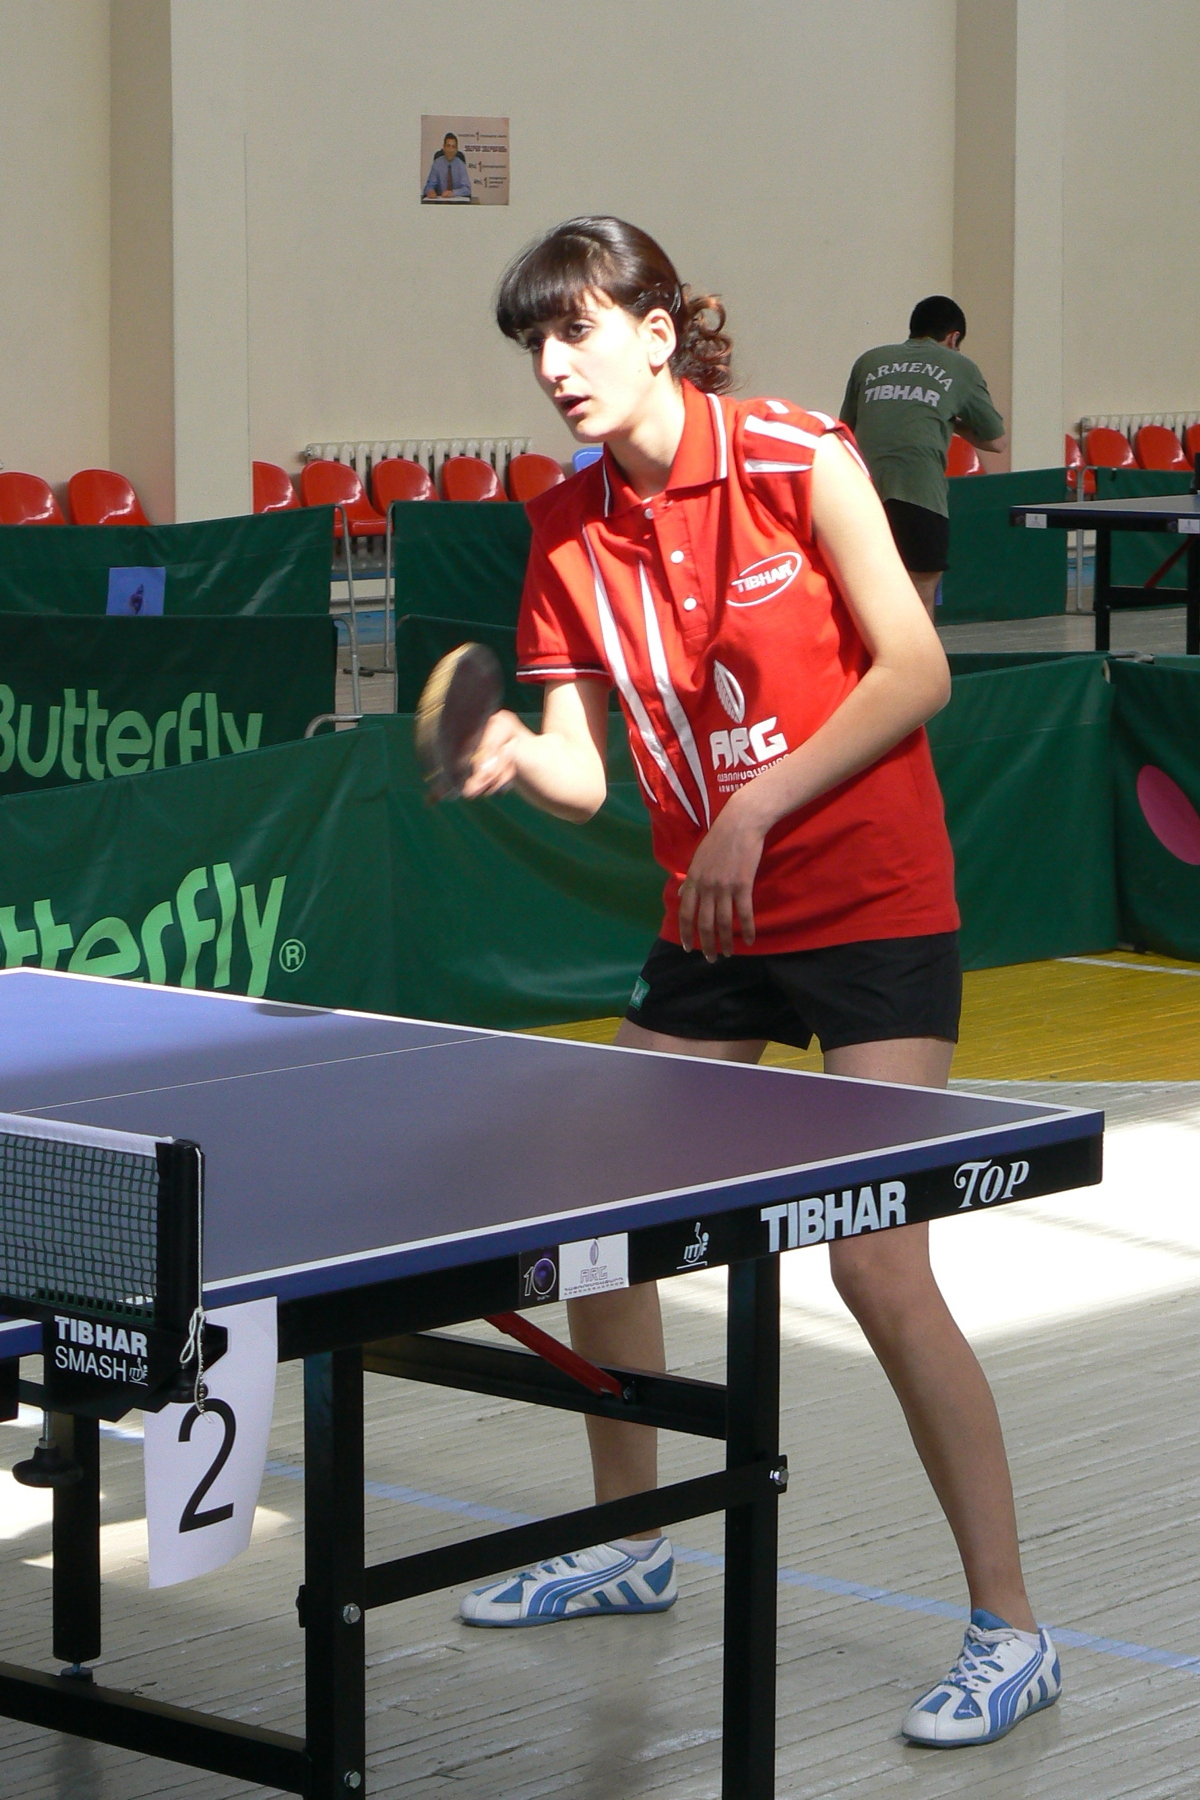 Двухдневный турнир по настольному теннису с участием 24 сильнеших теннисистов(07-05-2007)